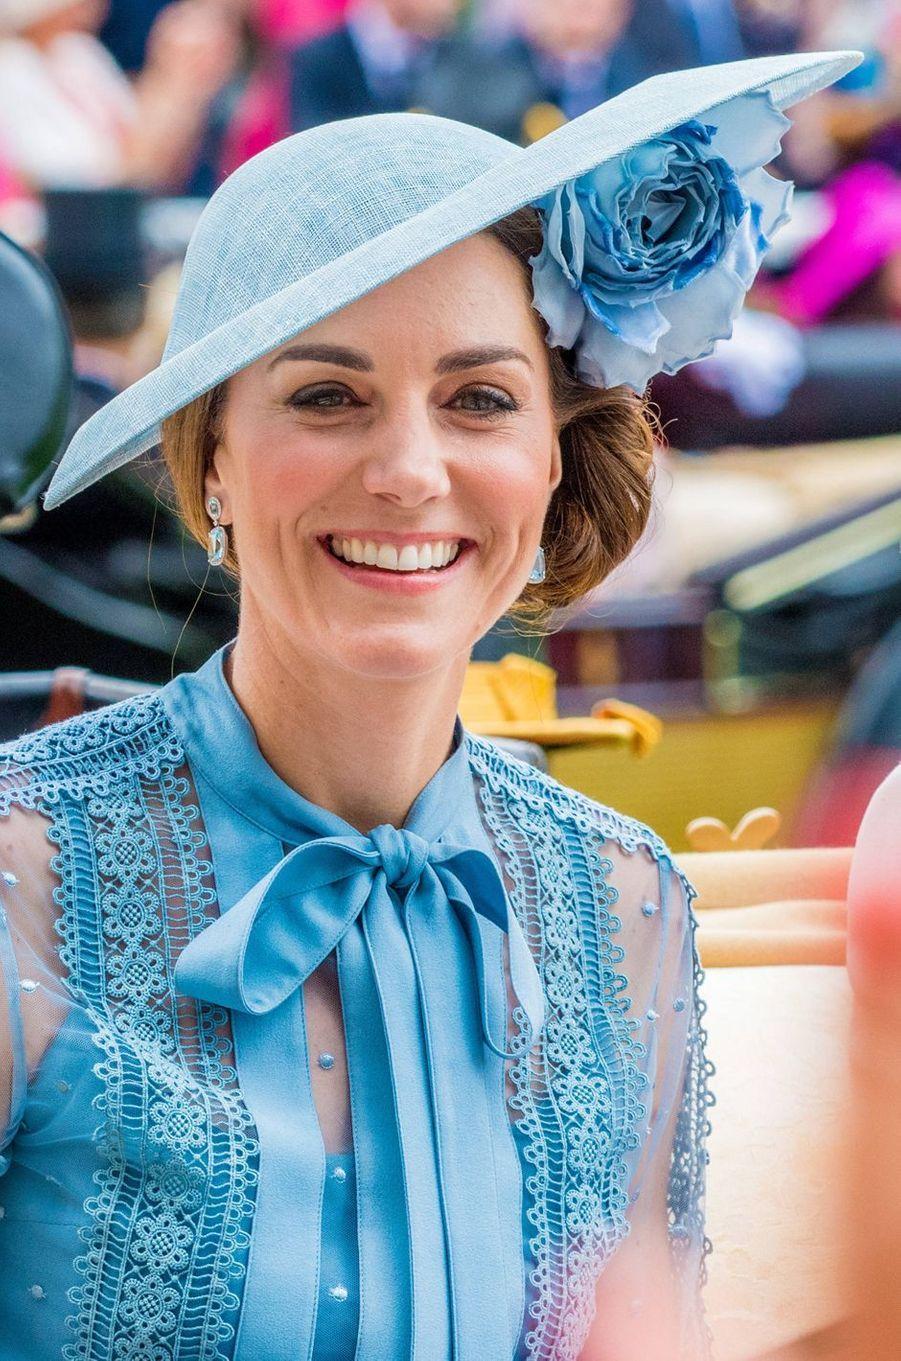 Le chapeau de Kate Middleton, duchesse de Cambridge, au Royal Ascot, le 18 juin 2019